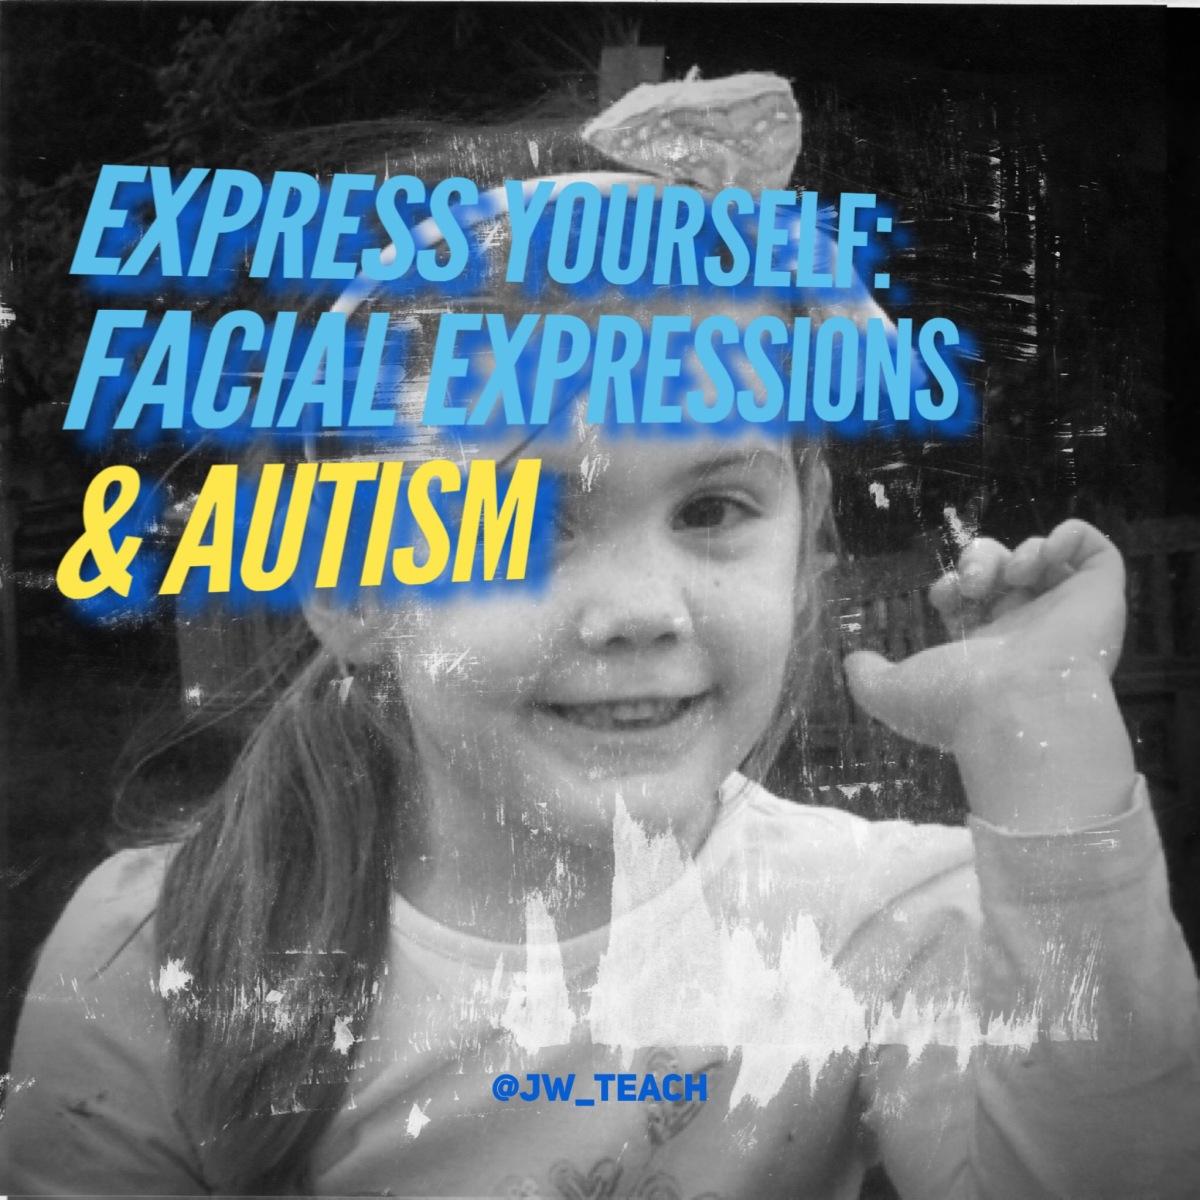 Autism: Facial Expressions.